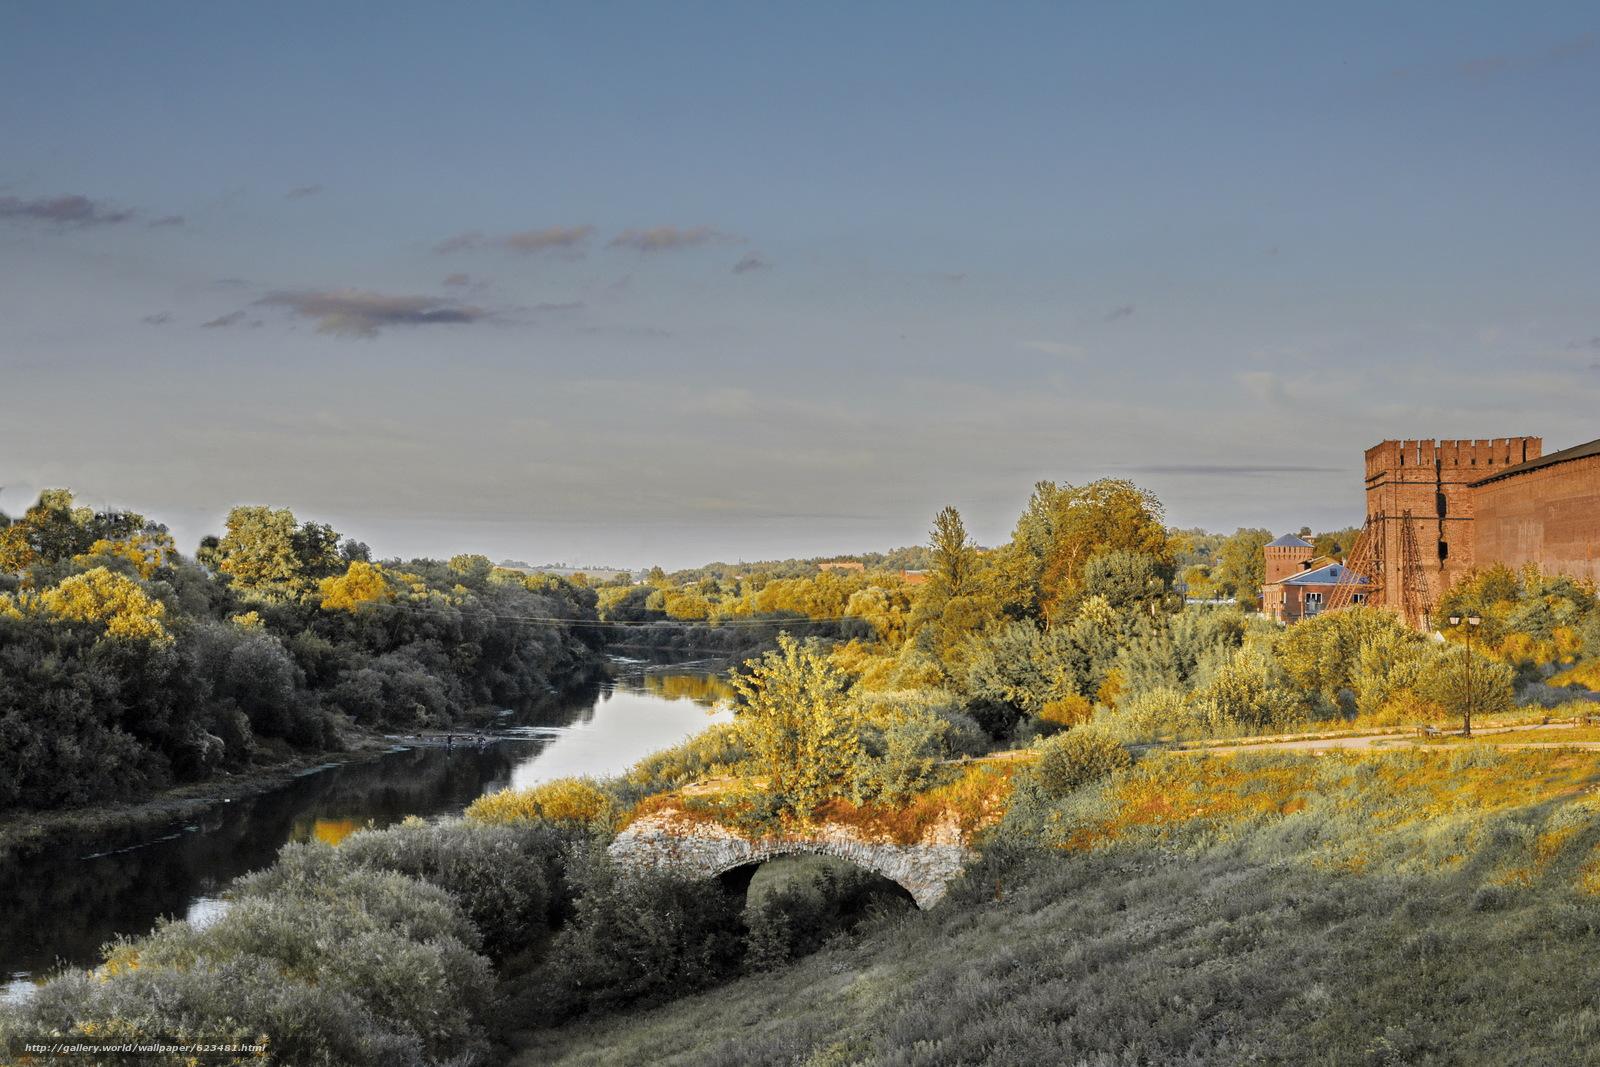 Скачать обои Смоленск,  Россия,  крепость,  стена бесплатно для рабочего стола в разрешении 6000x4000 — картинка №623481